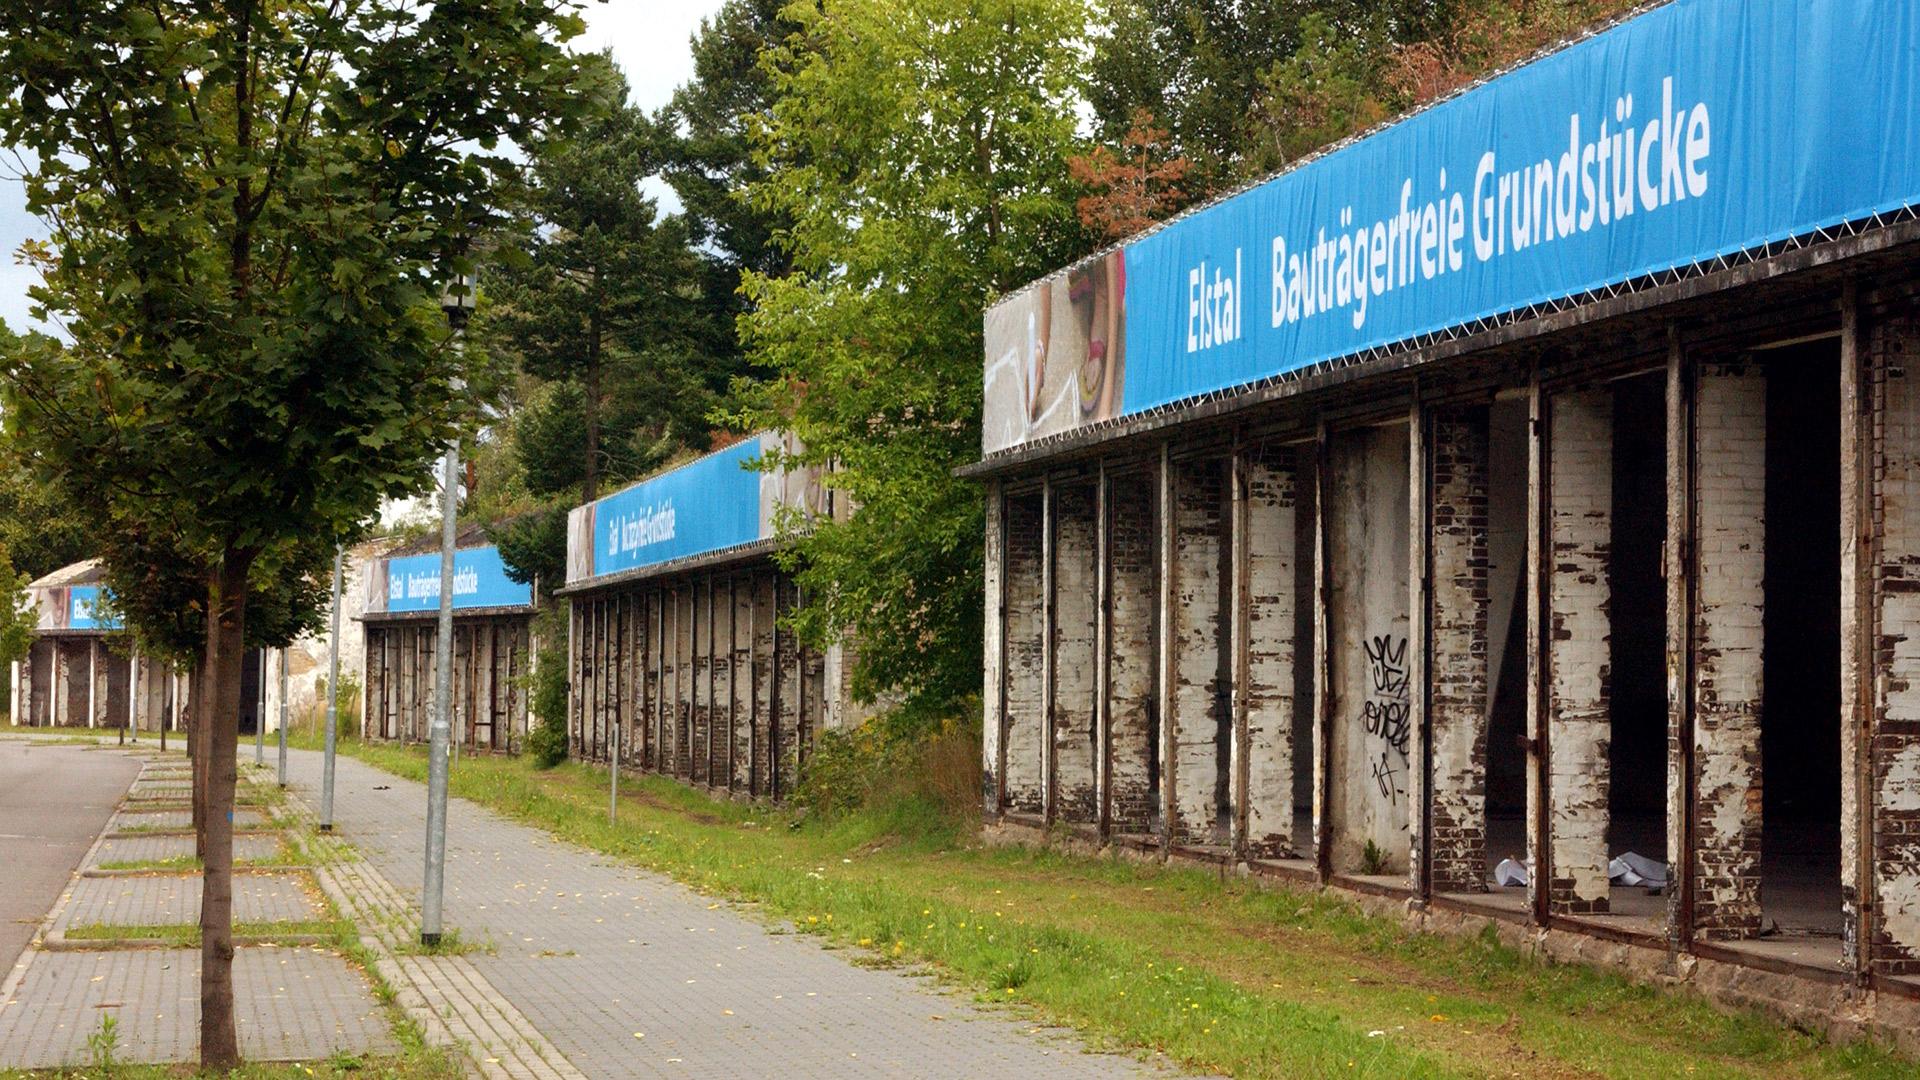 Grundstücke-Brandeburg-Netzgitter-Matti-Michalke-Berlin-Brandenburg-Aussenwerbung-Innenwerbung-Banner-Planen-Folien-Werbemittel-Druck-Print